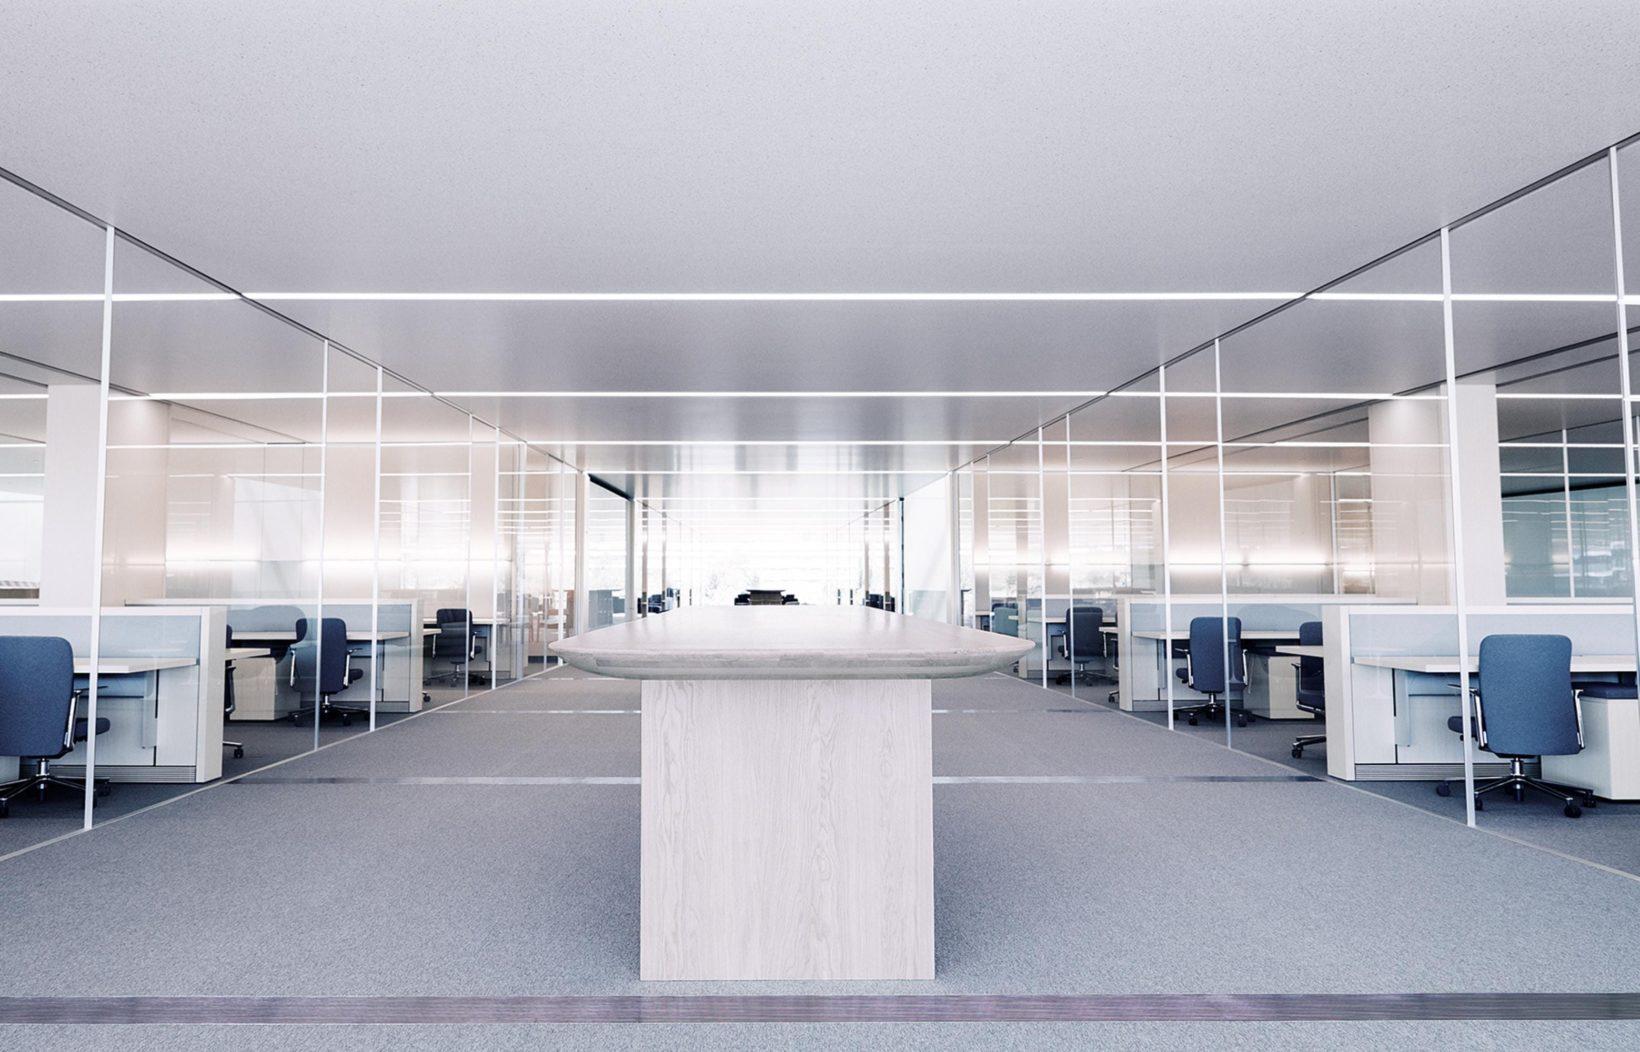 Ufficio Open Space Pro E Contro : Mai dentro apple park un dirigente furioso per gli uffici open